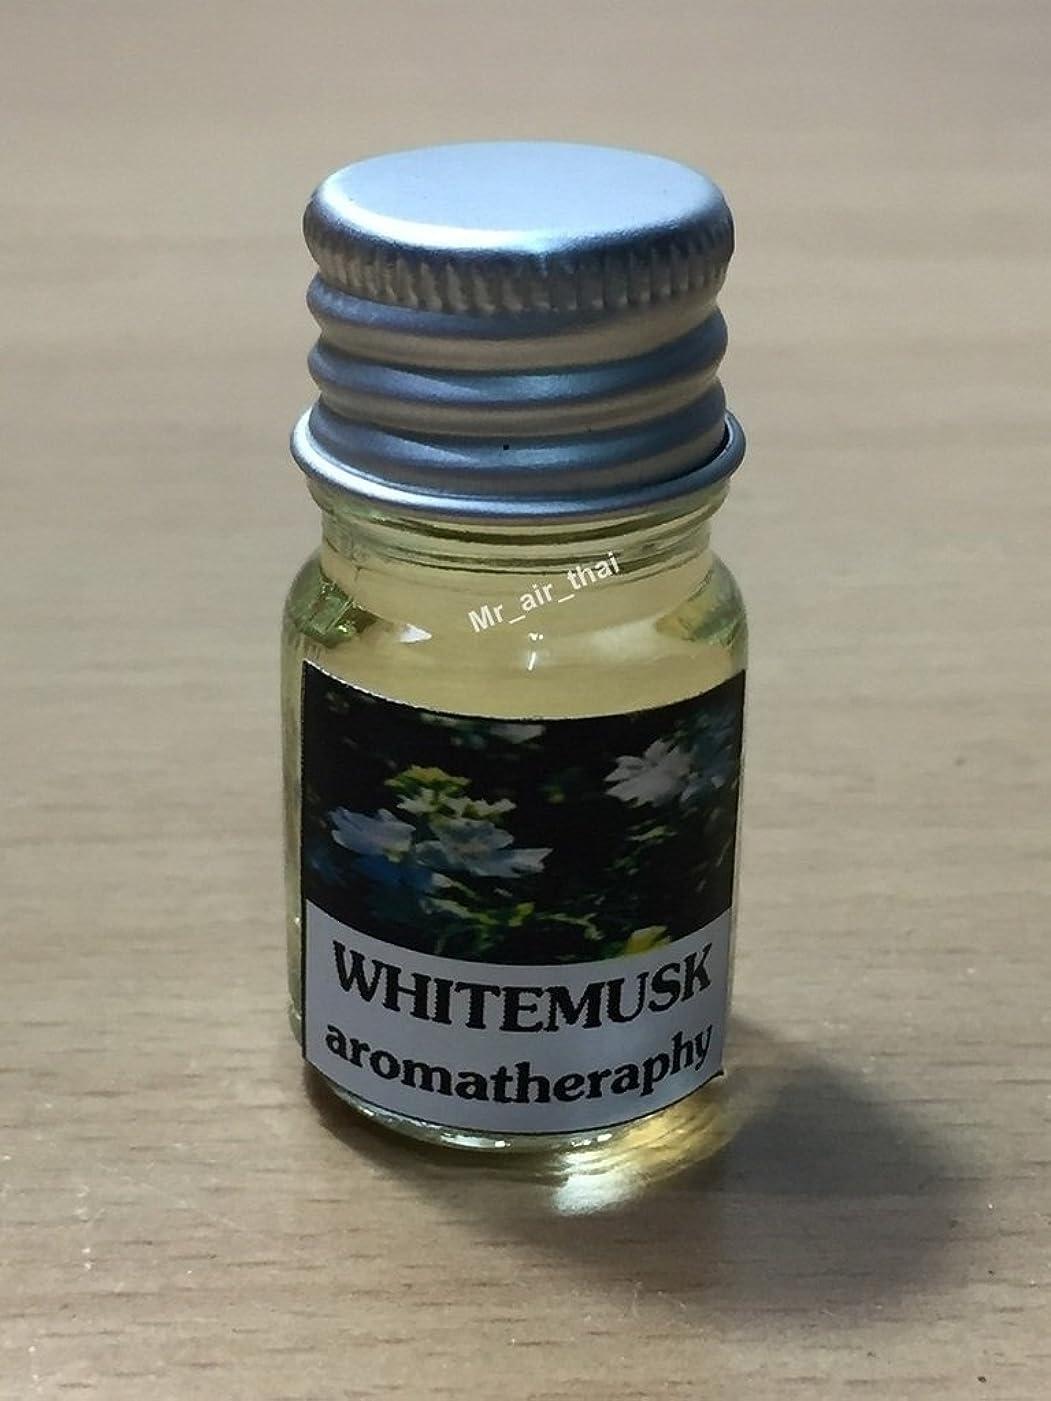 読む農村活気づける5ミリリットルアロマホワイトムスクフランクインセンスエッセンシャルオイルボトルアロマテラピーオイル自然自然5ml Aroma Whitemusk Frankincense Essential Oil Bottles Aromatherapy Oils natural nature